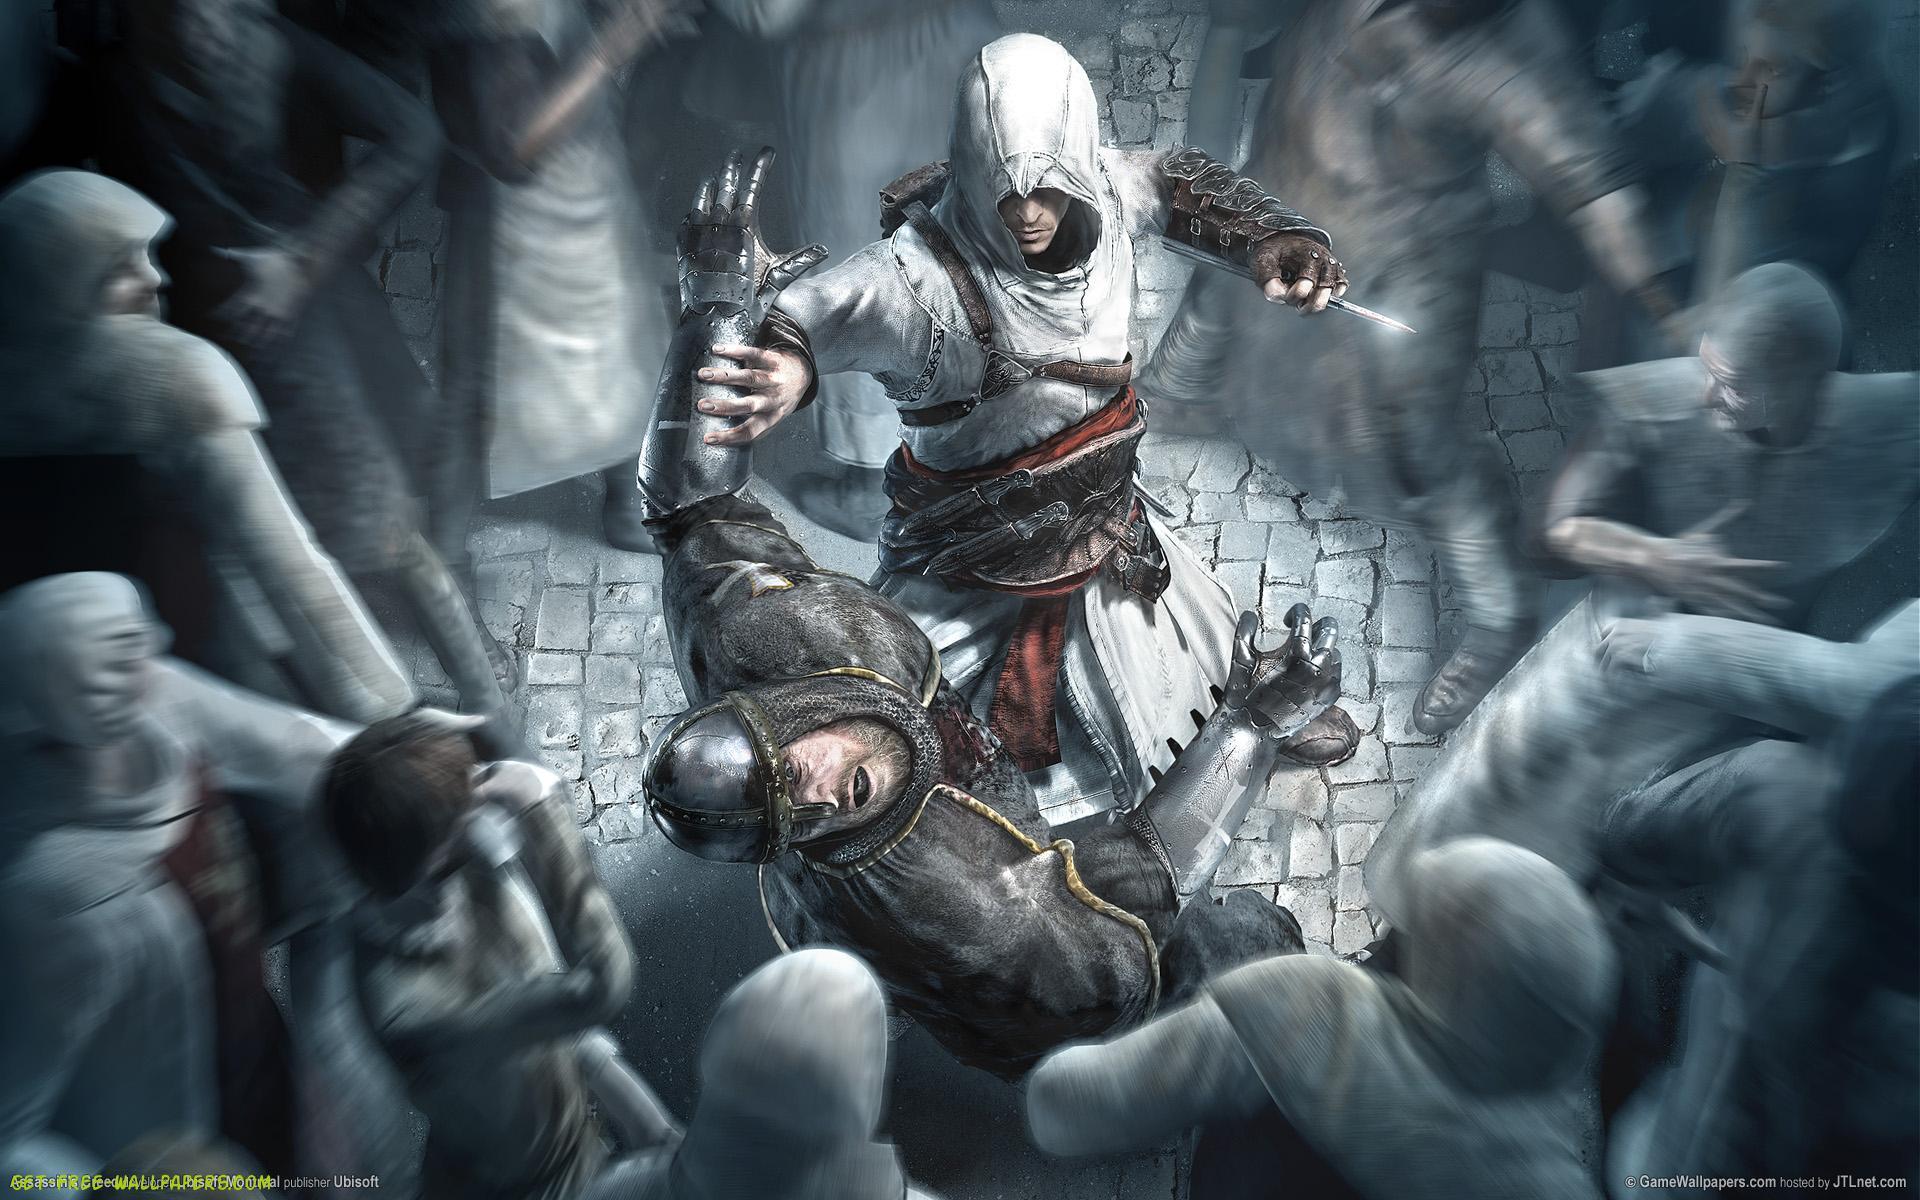 Assassins Creed Altair wallpaper   190964 1920x1200